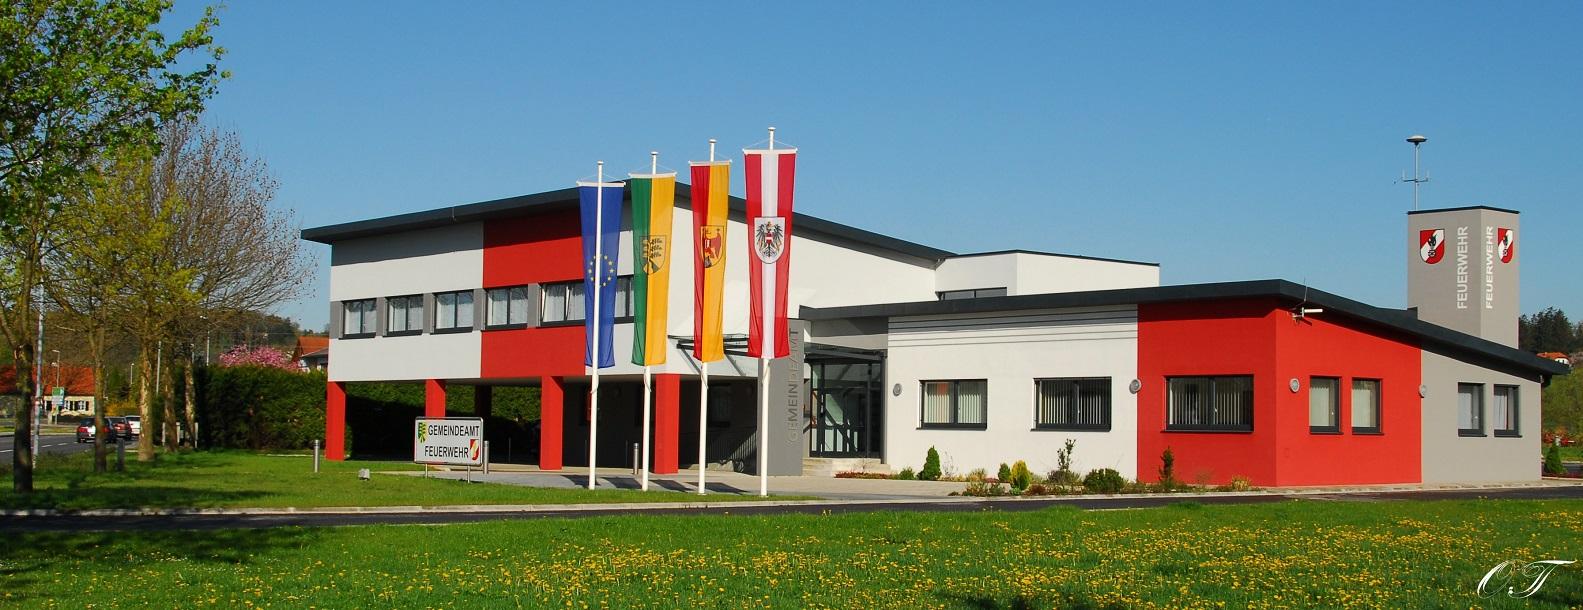 Gemeindeamt Fruehj. 08-15